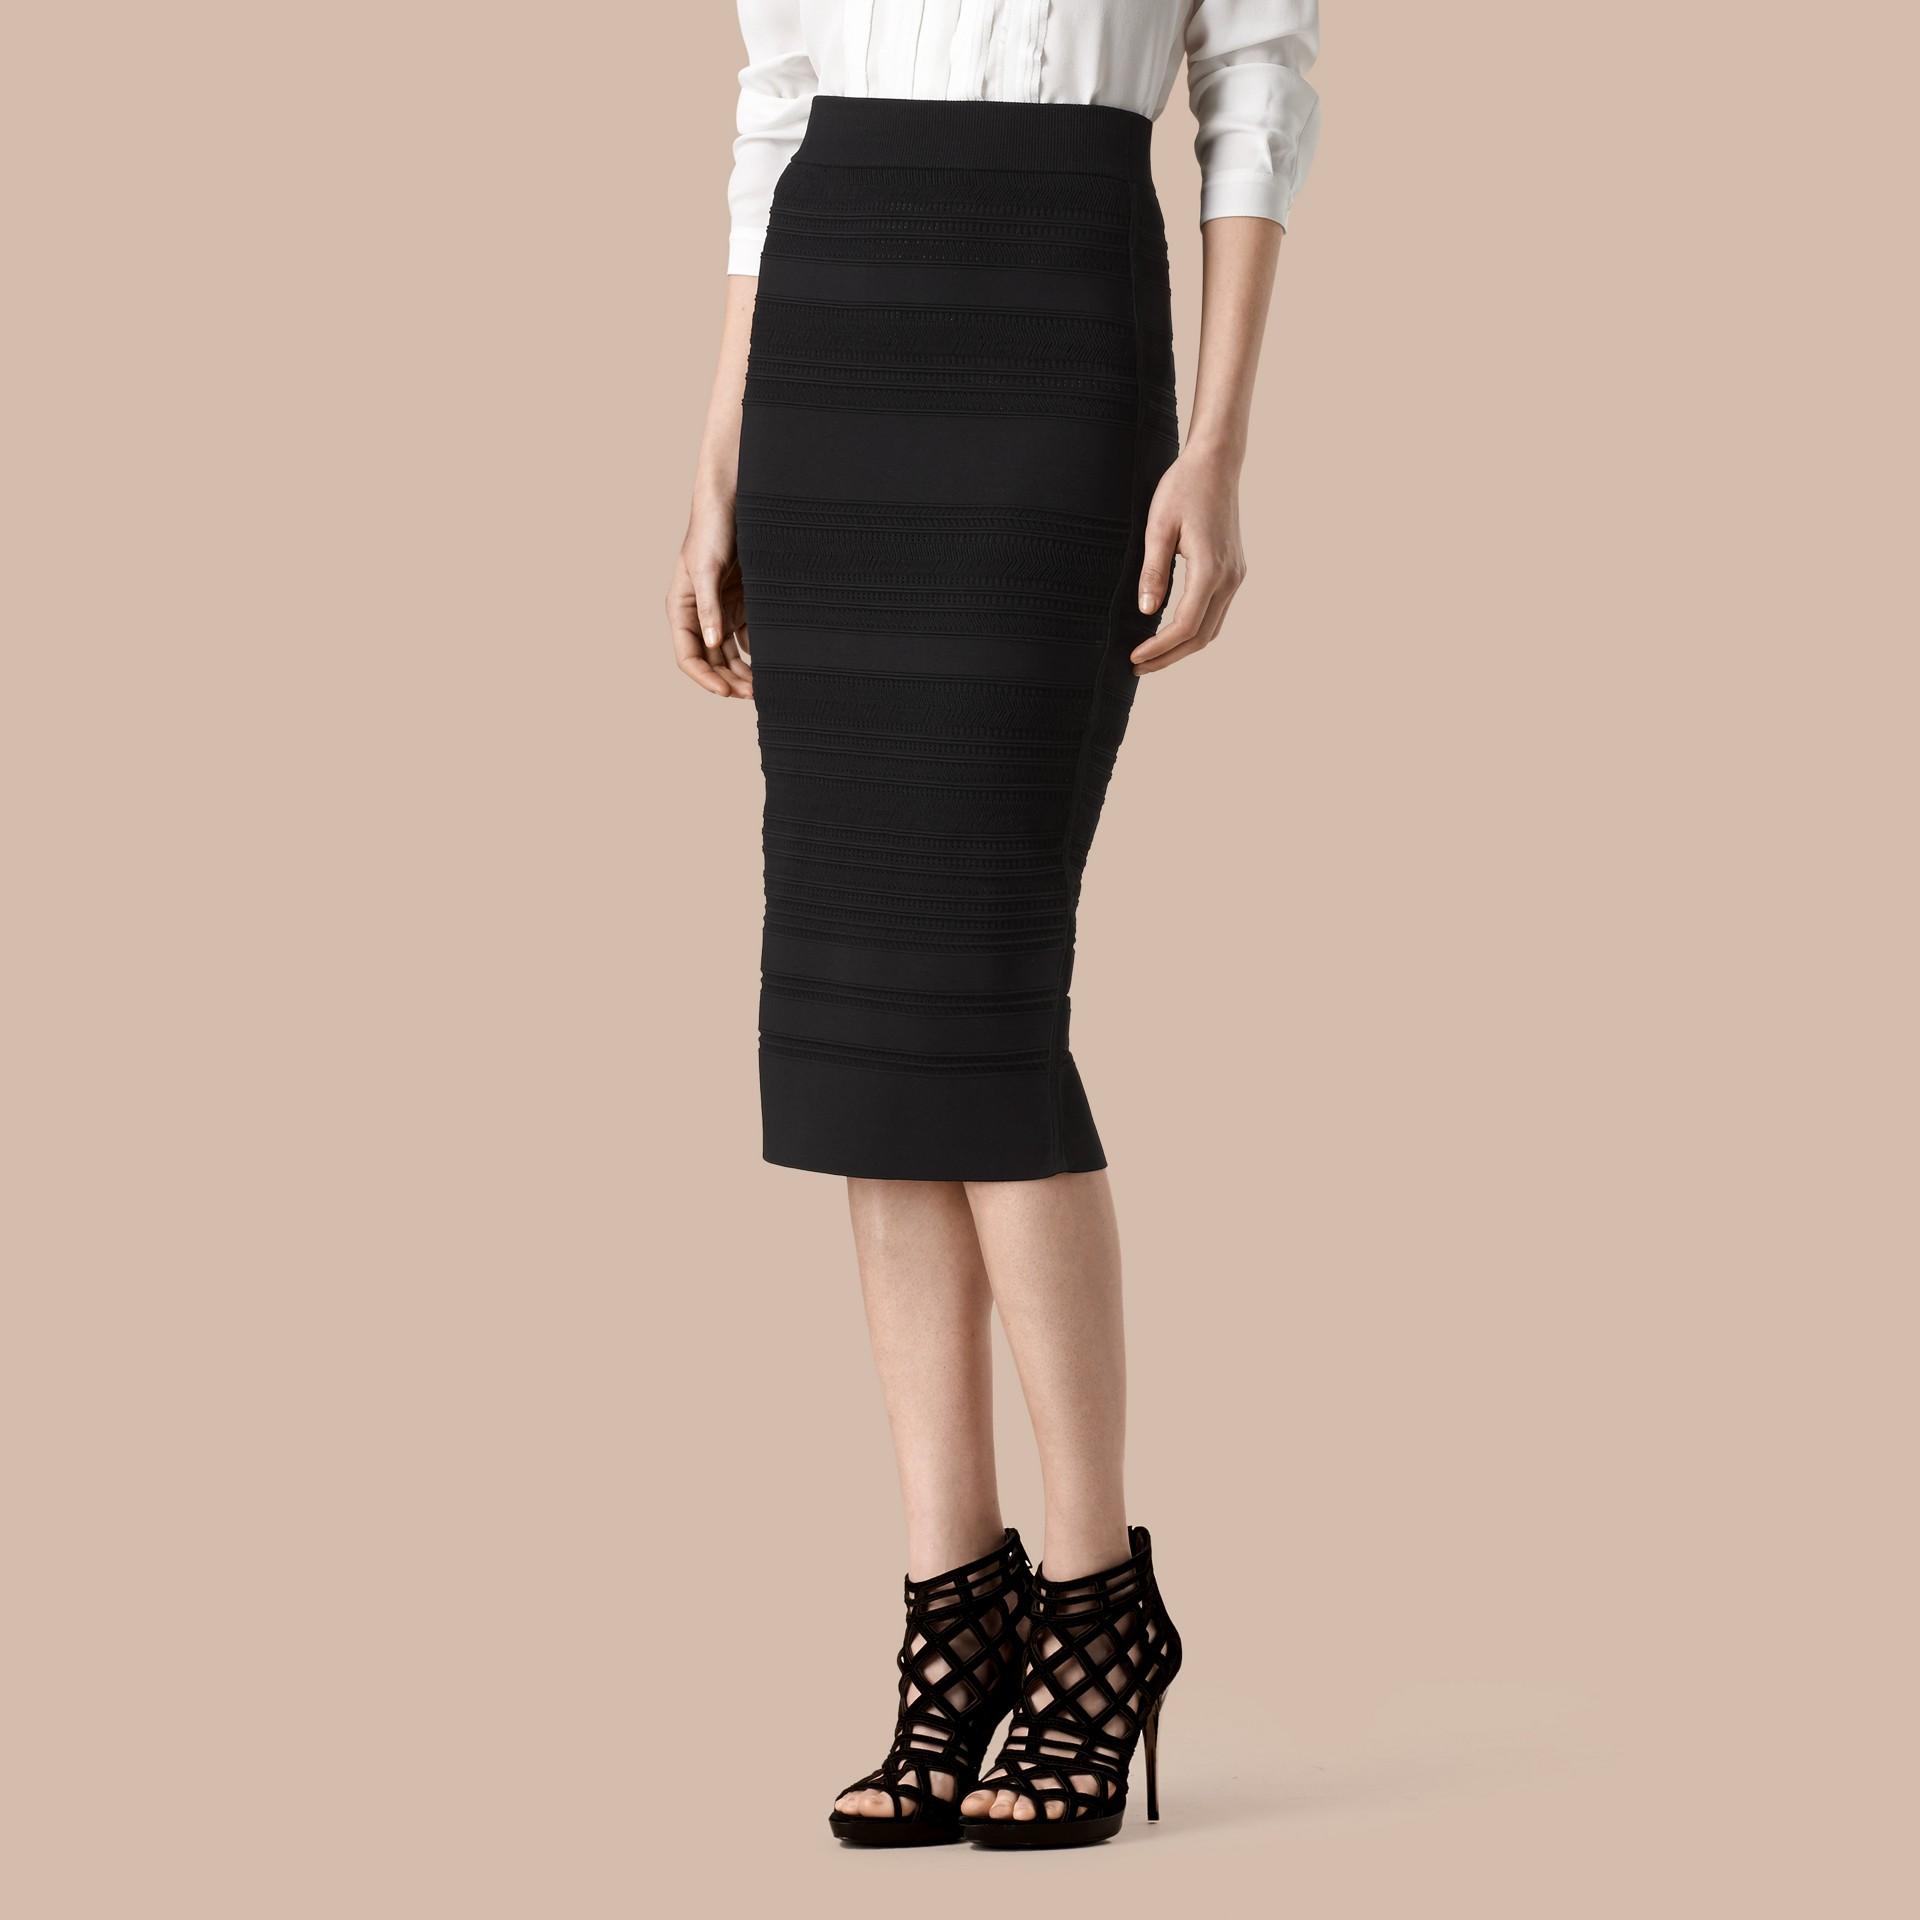 Negro Falda de tubo en punto a rayas - imagen de la galería 1